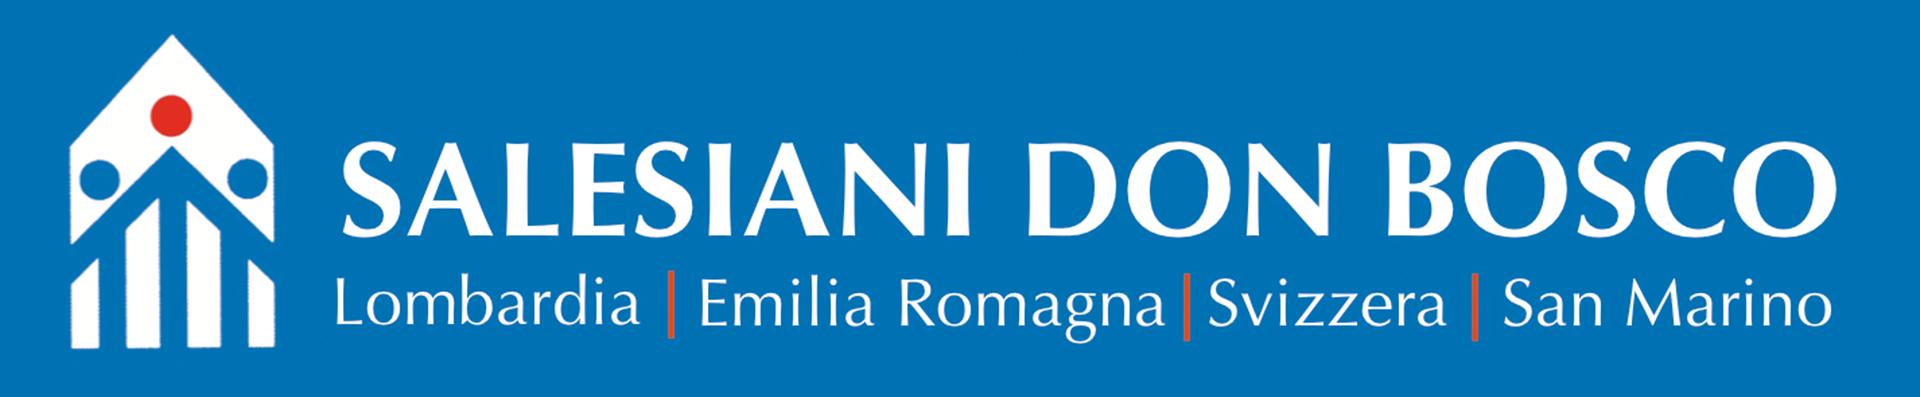 Salesiani Lombardia-Emilia Logo